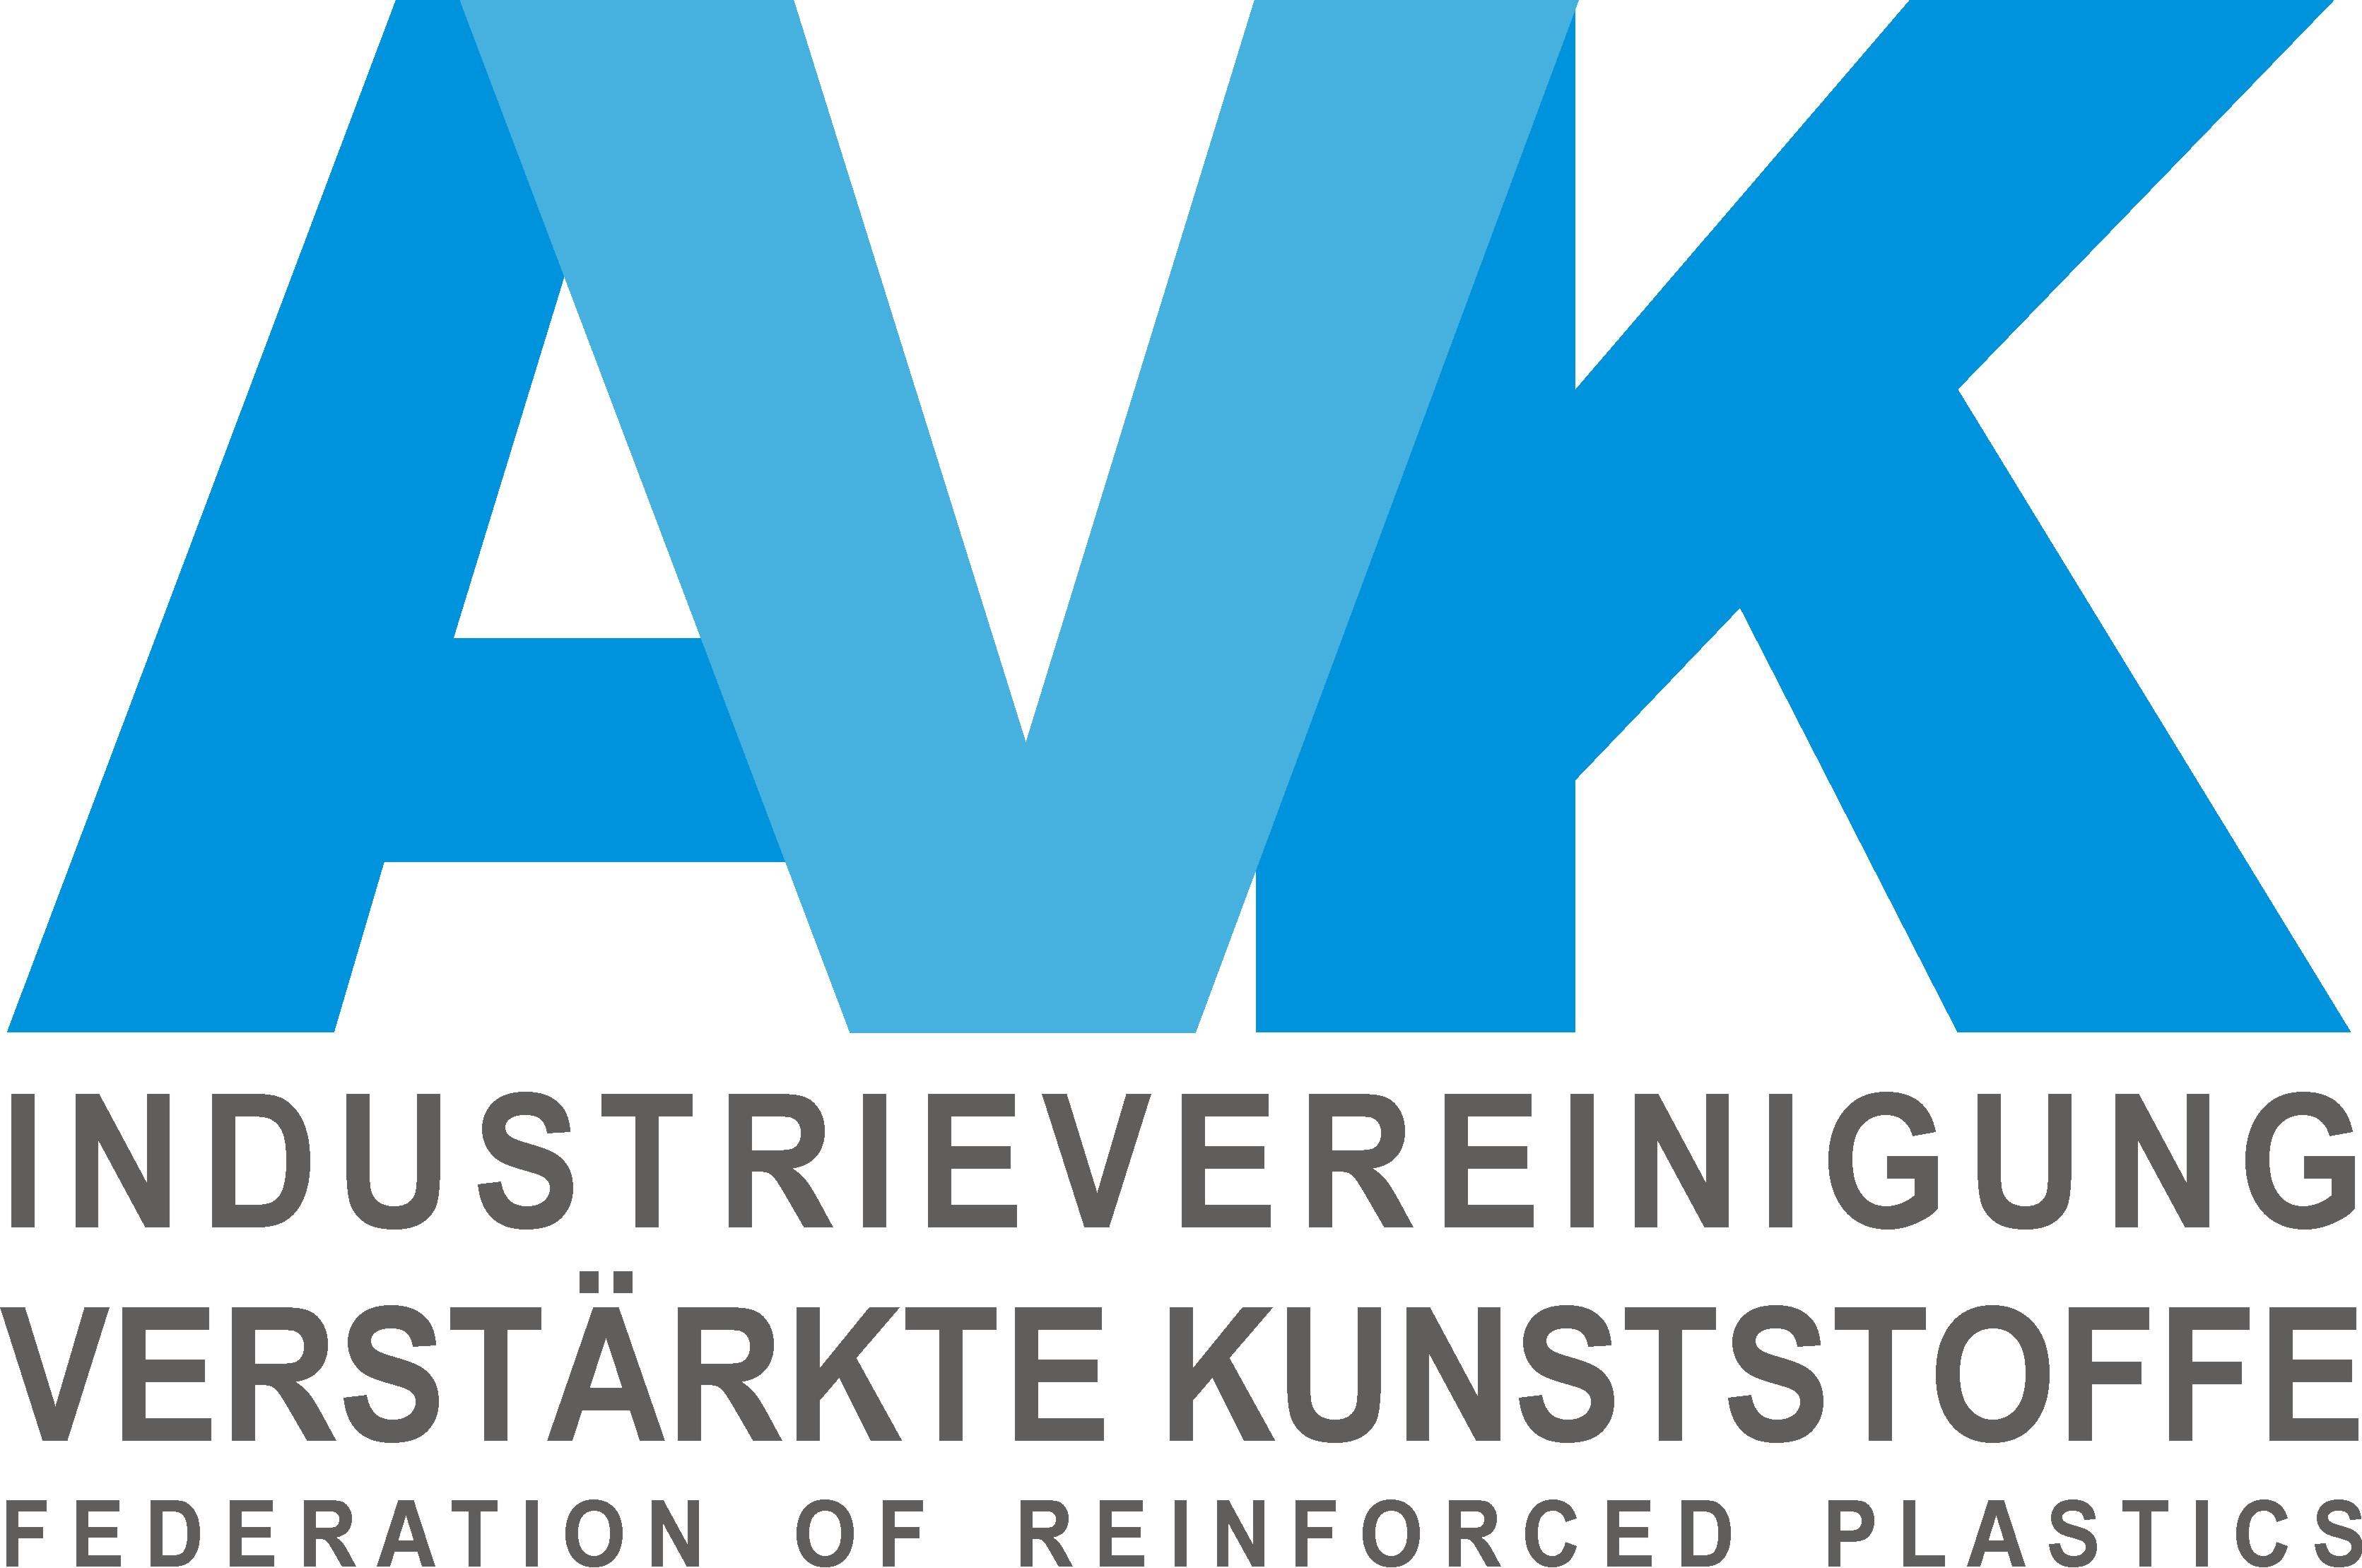 AVK – Industrievereinigung Verstärkte Kunststoffe e.V.